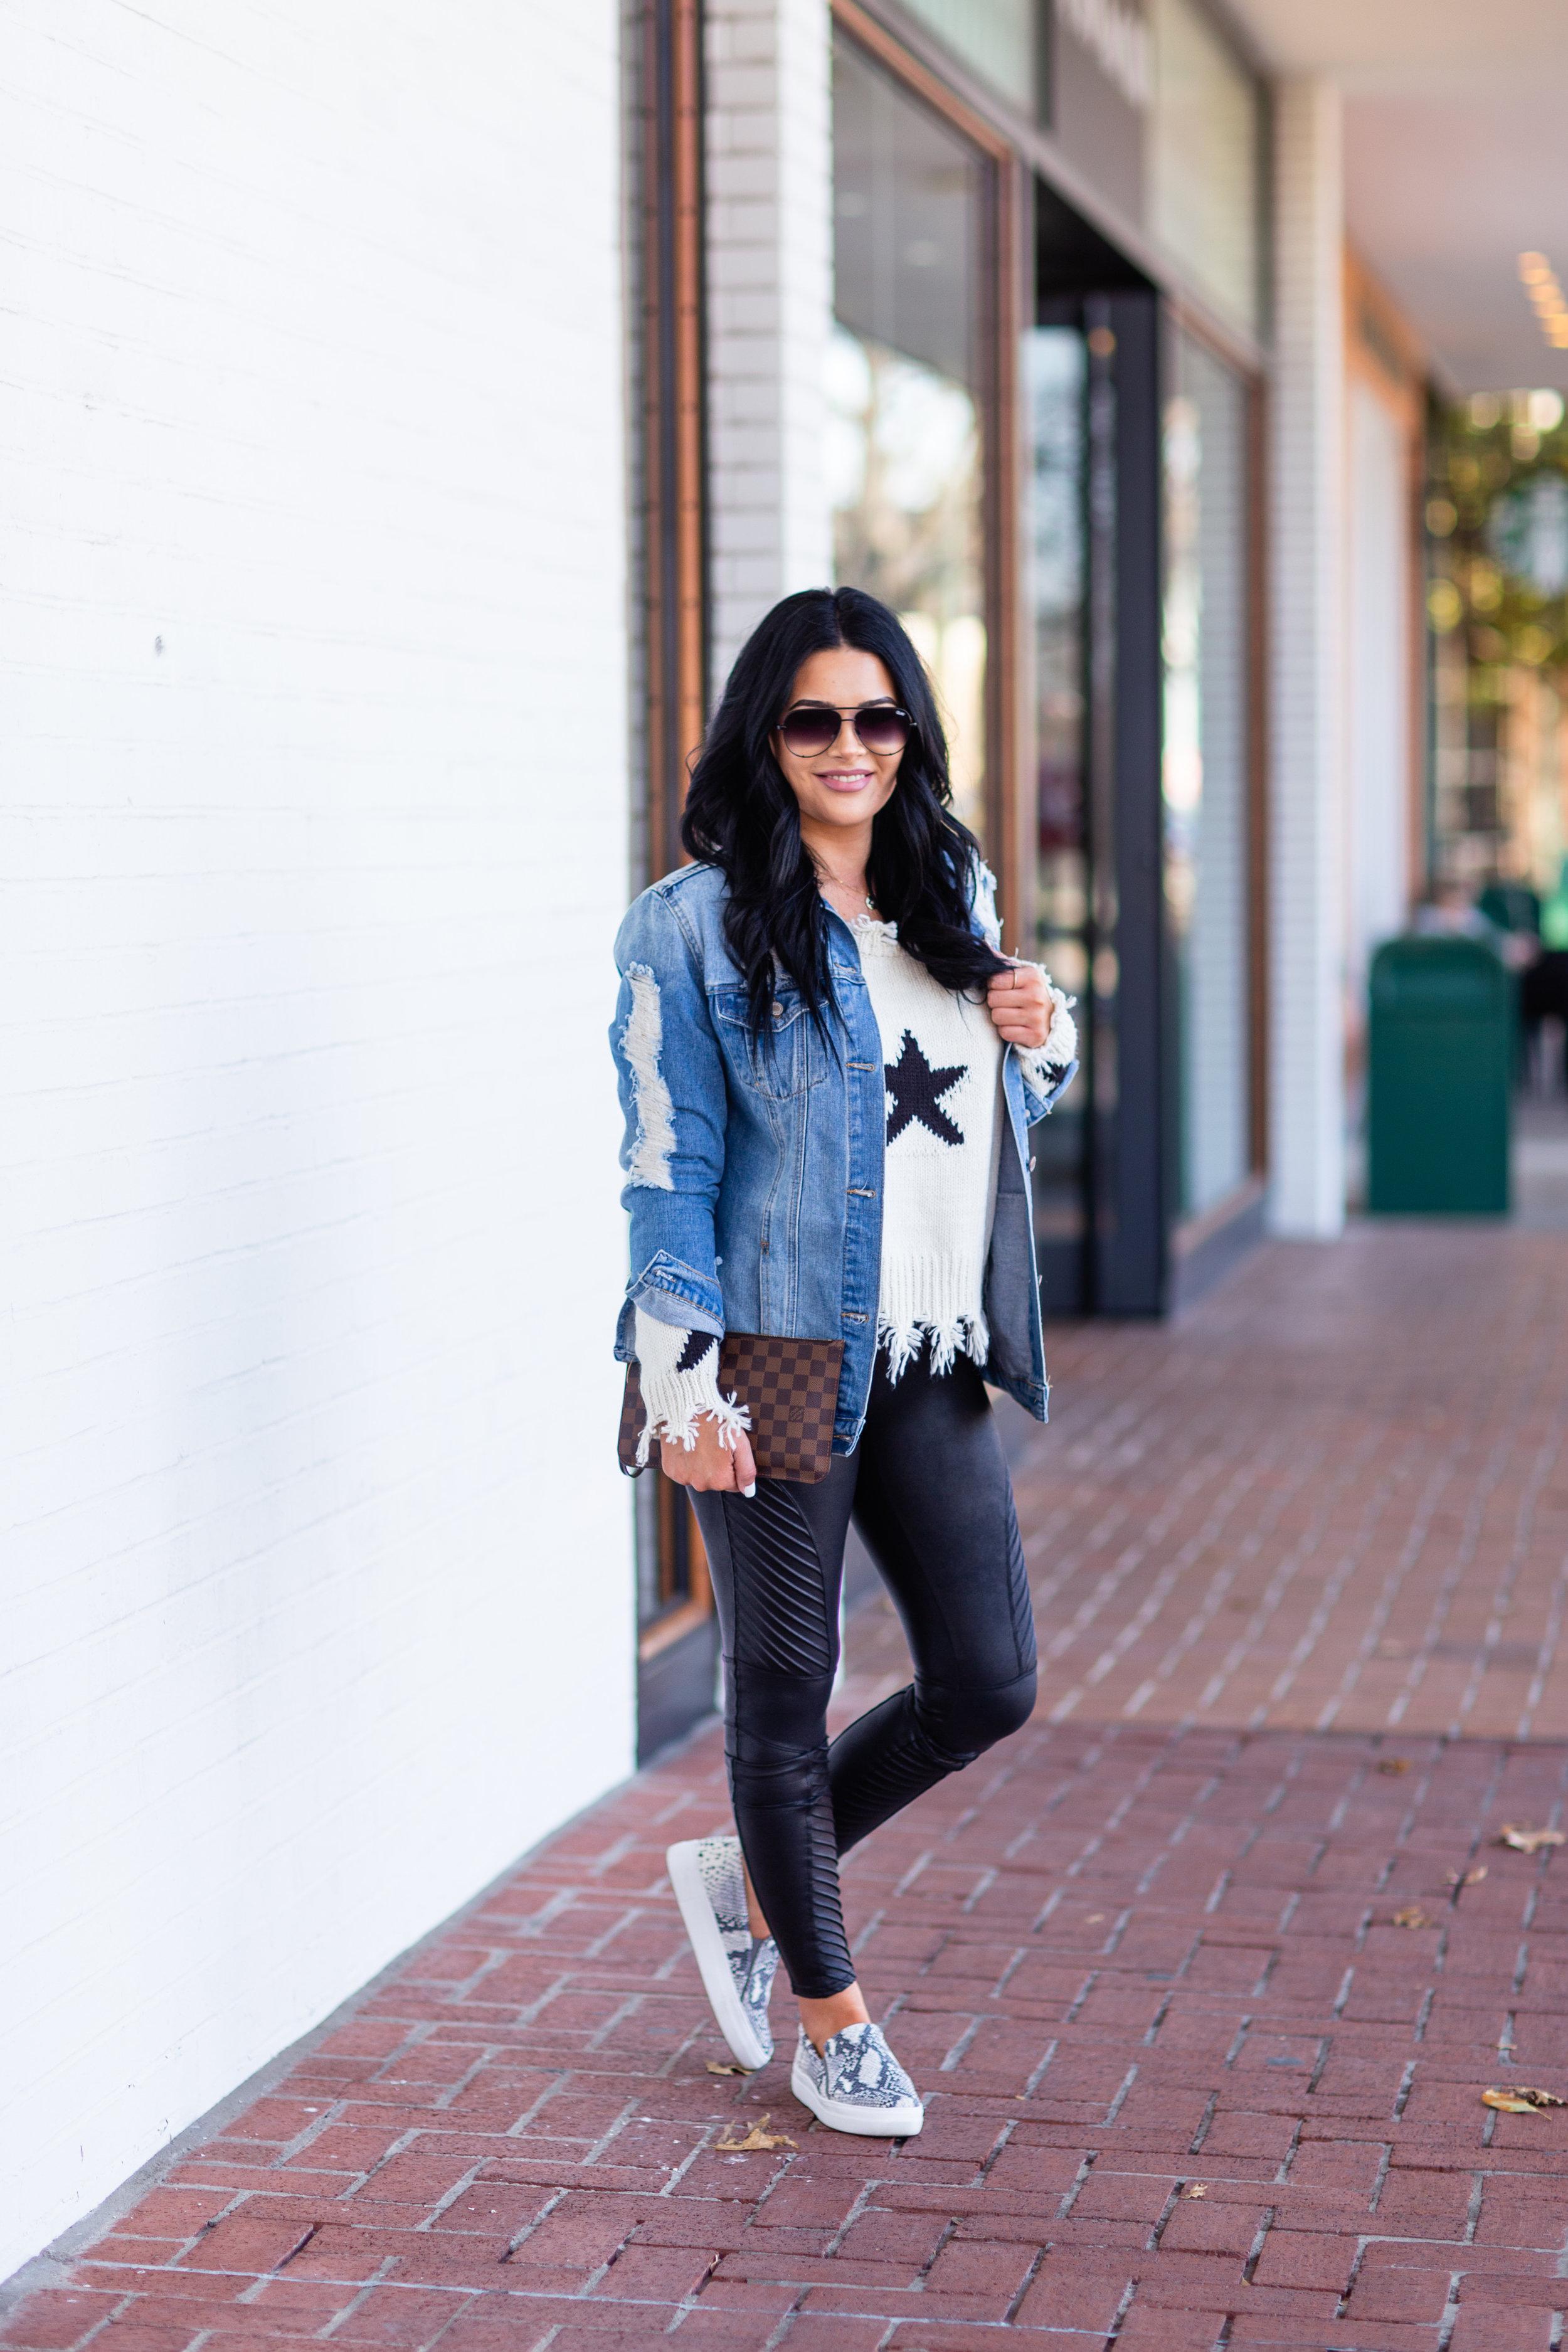 Running In Stilettos Blog - Star Sweater + Moto Leggings